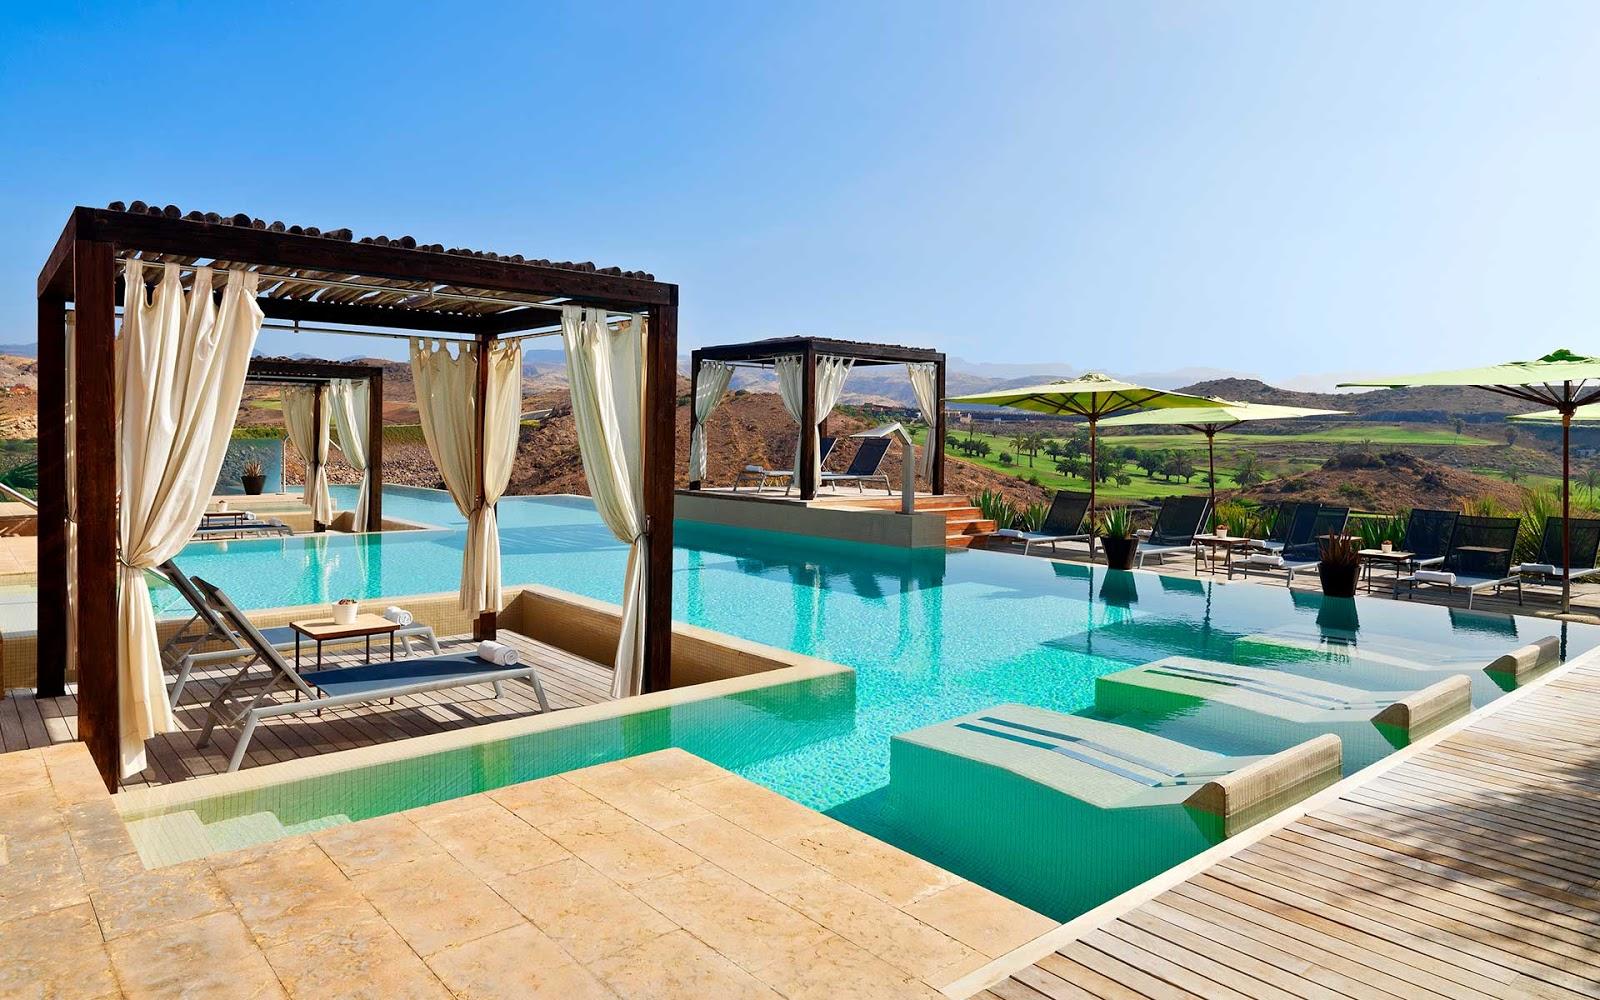 Lugares y centros tur sticos para visitar piscinas mas for Imagenes de piscinas bonitas